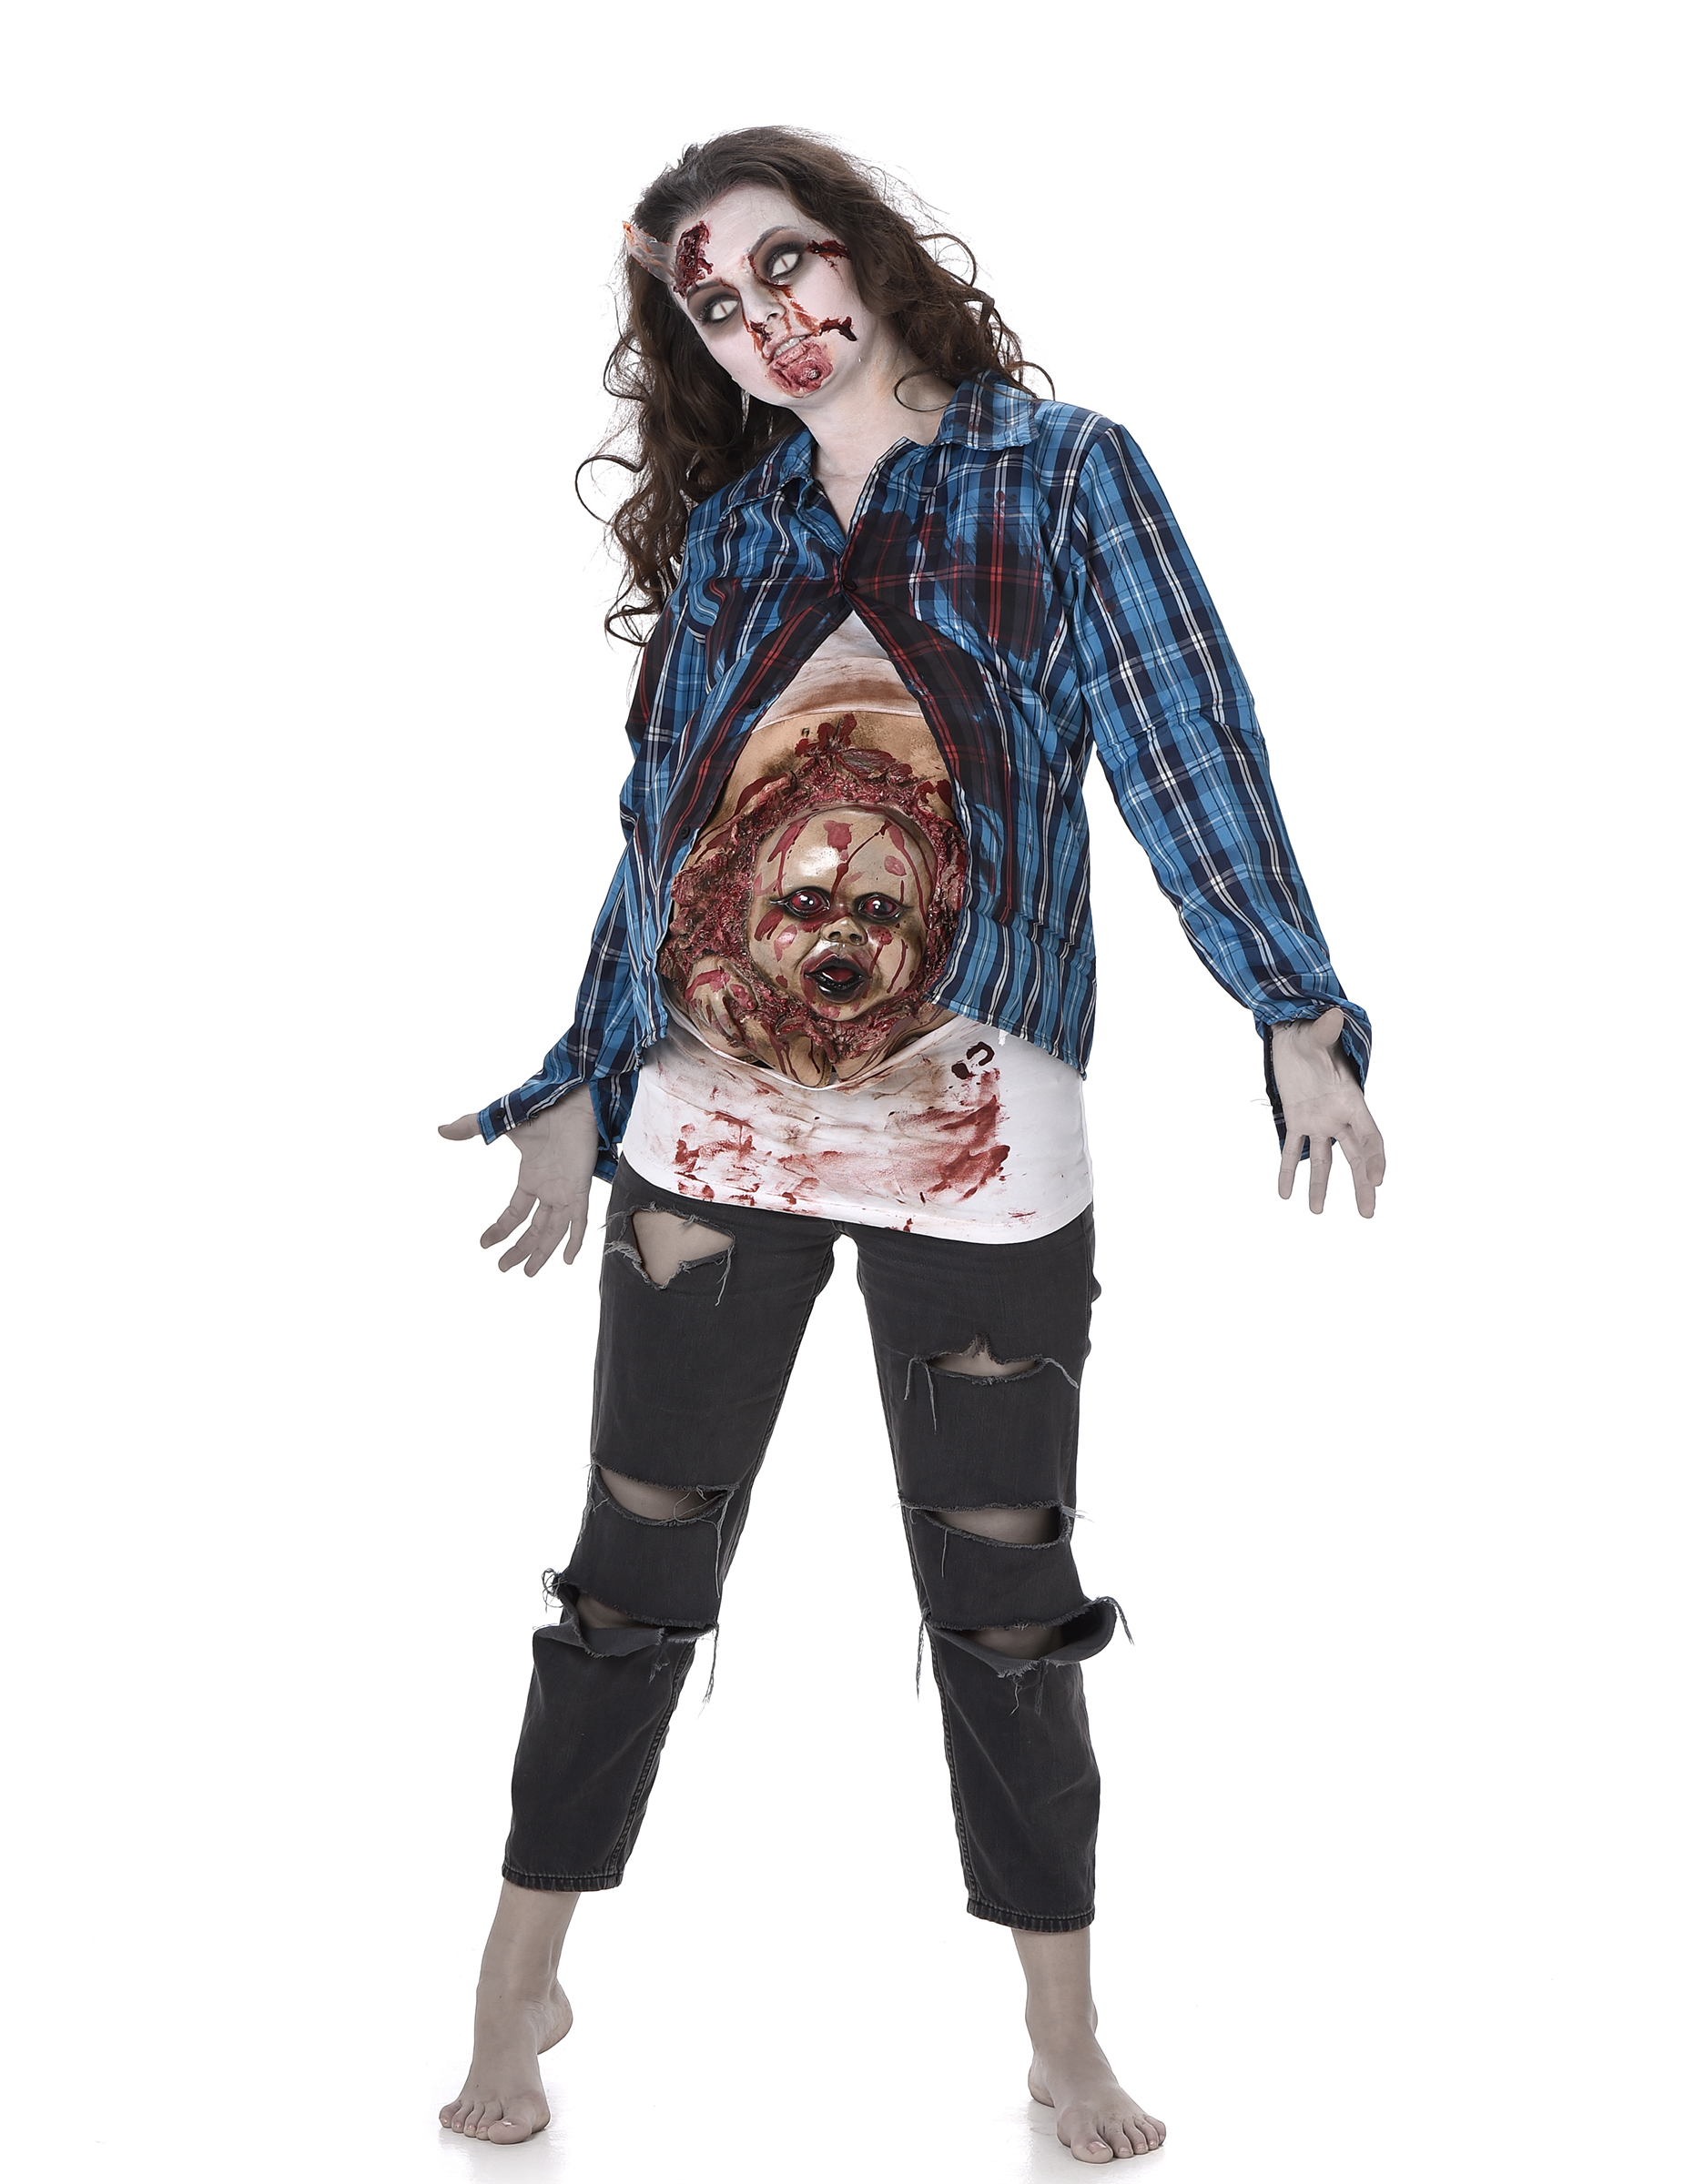 d guisement zombie b b en latex femme halloween d coration anniversaire et f tes th me sur. Black Bedroom Furniture Sets. Home Design Ideas